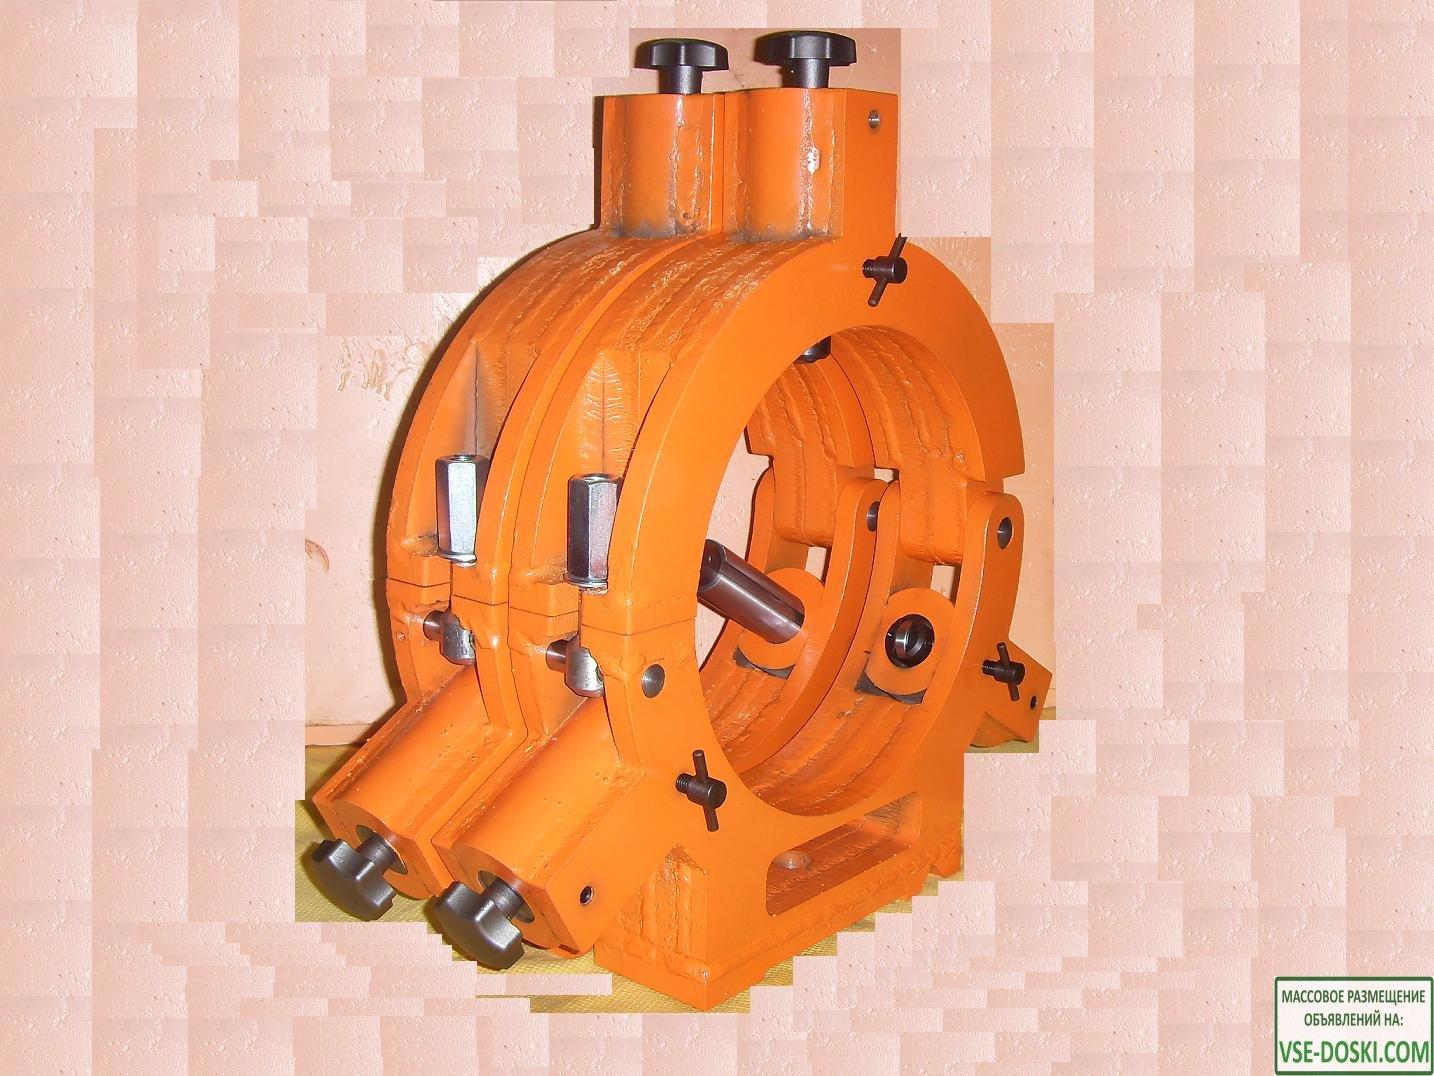 Люнет 16Б25ПСП неподвижный, 280 мм.цена производителя